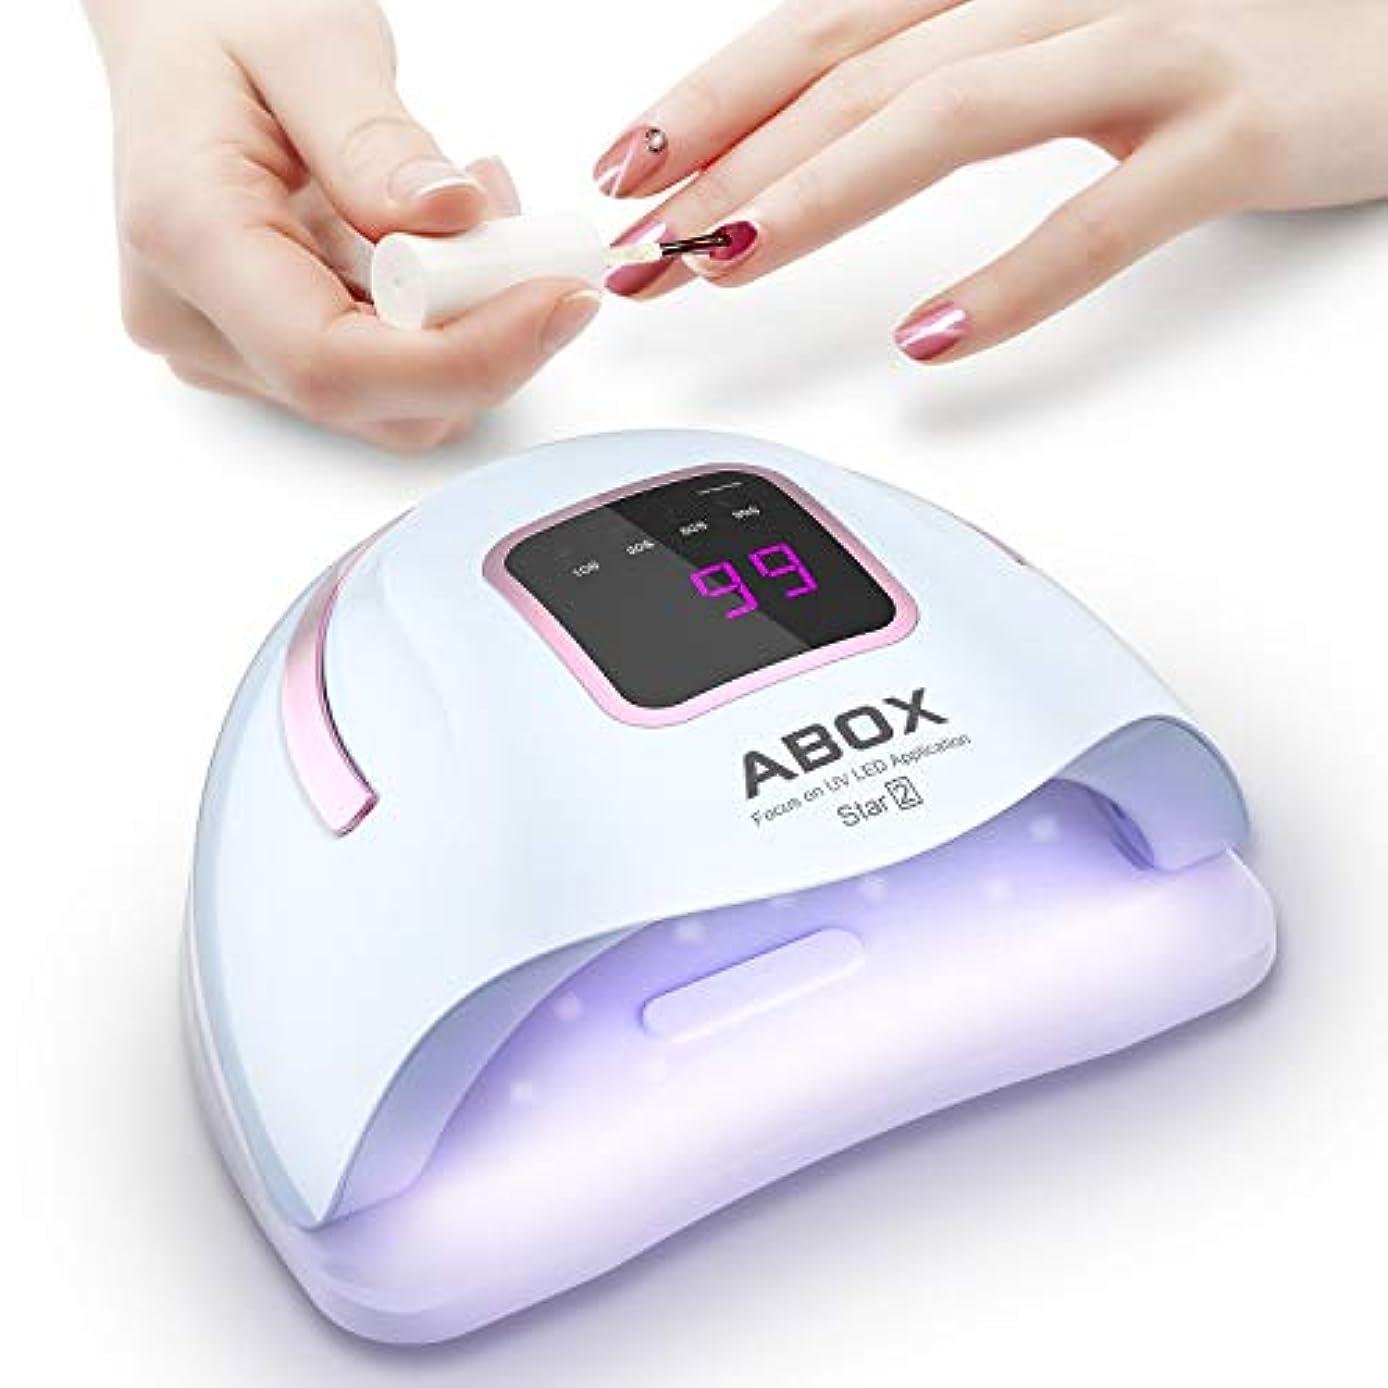 過言クラス同意ネイルドライヤー ABOX 72W 硬化用UV+LEDライト 4段階タイマー付き 自動センサー 携帯便利 ポリッシュもジェルネイル対応 時間目安 日本語説明書付き